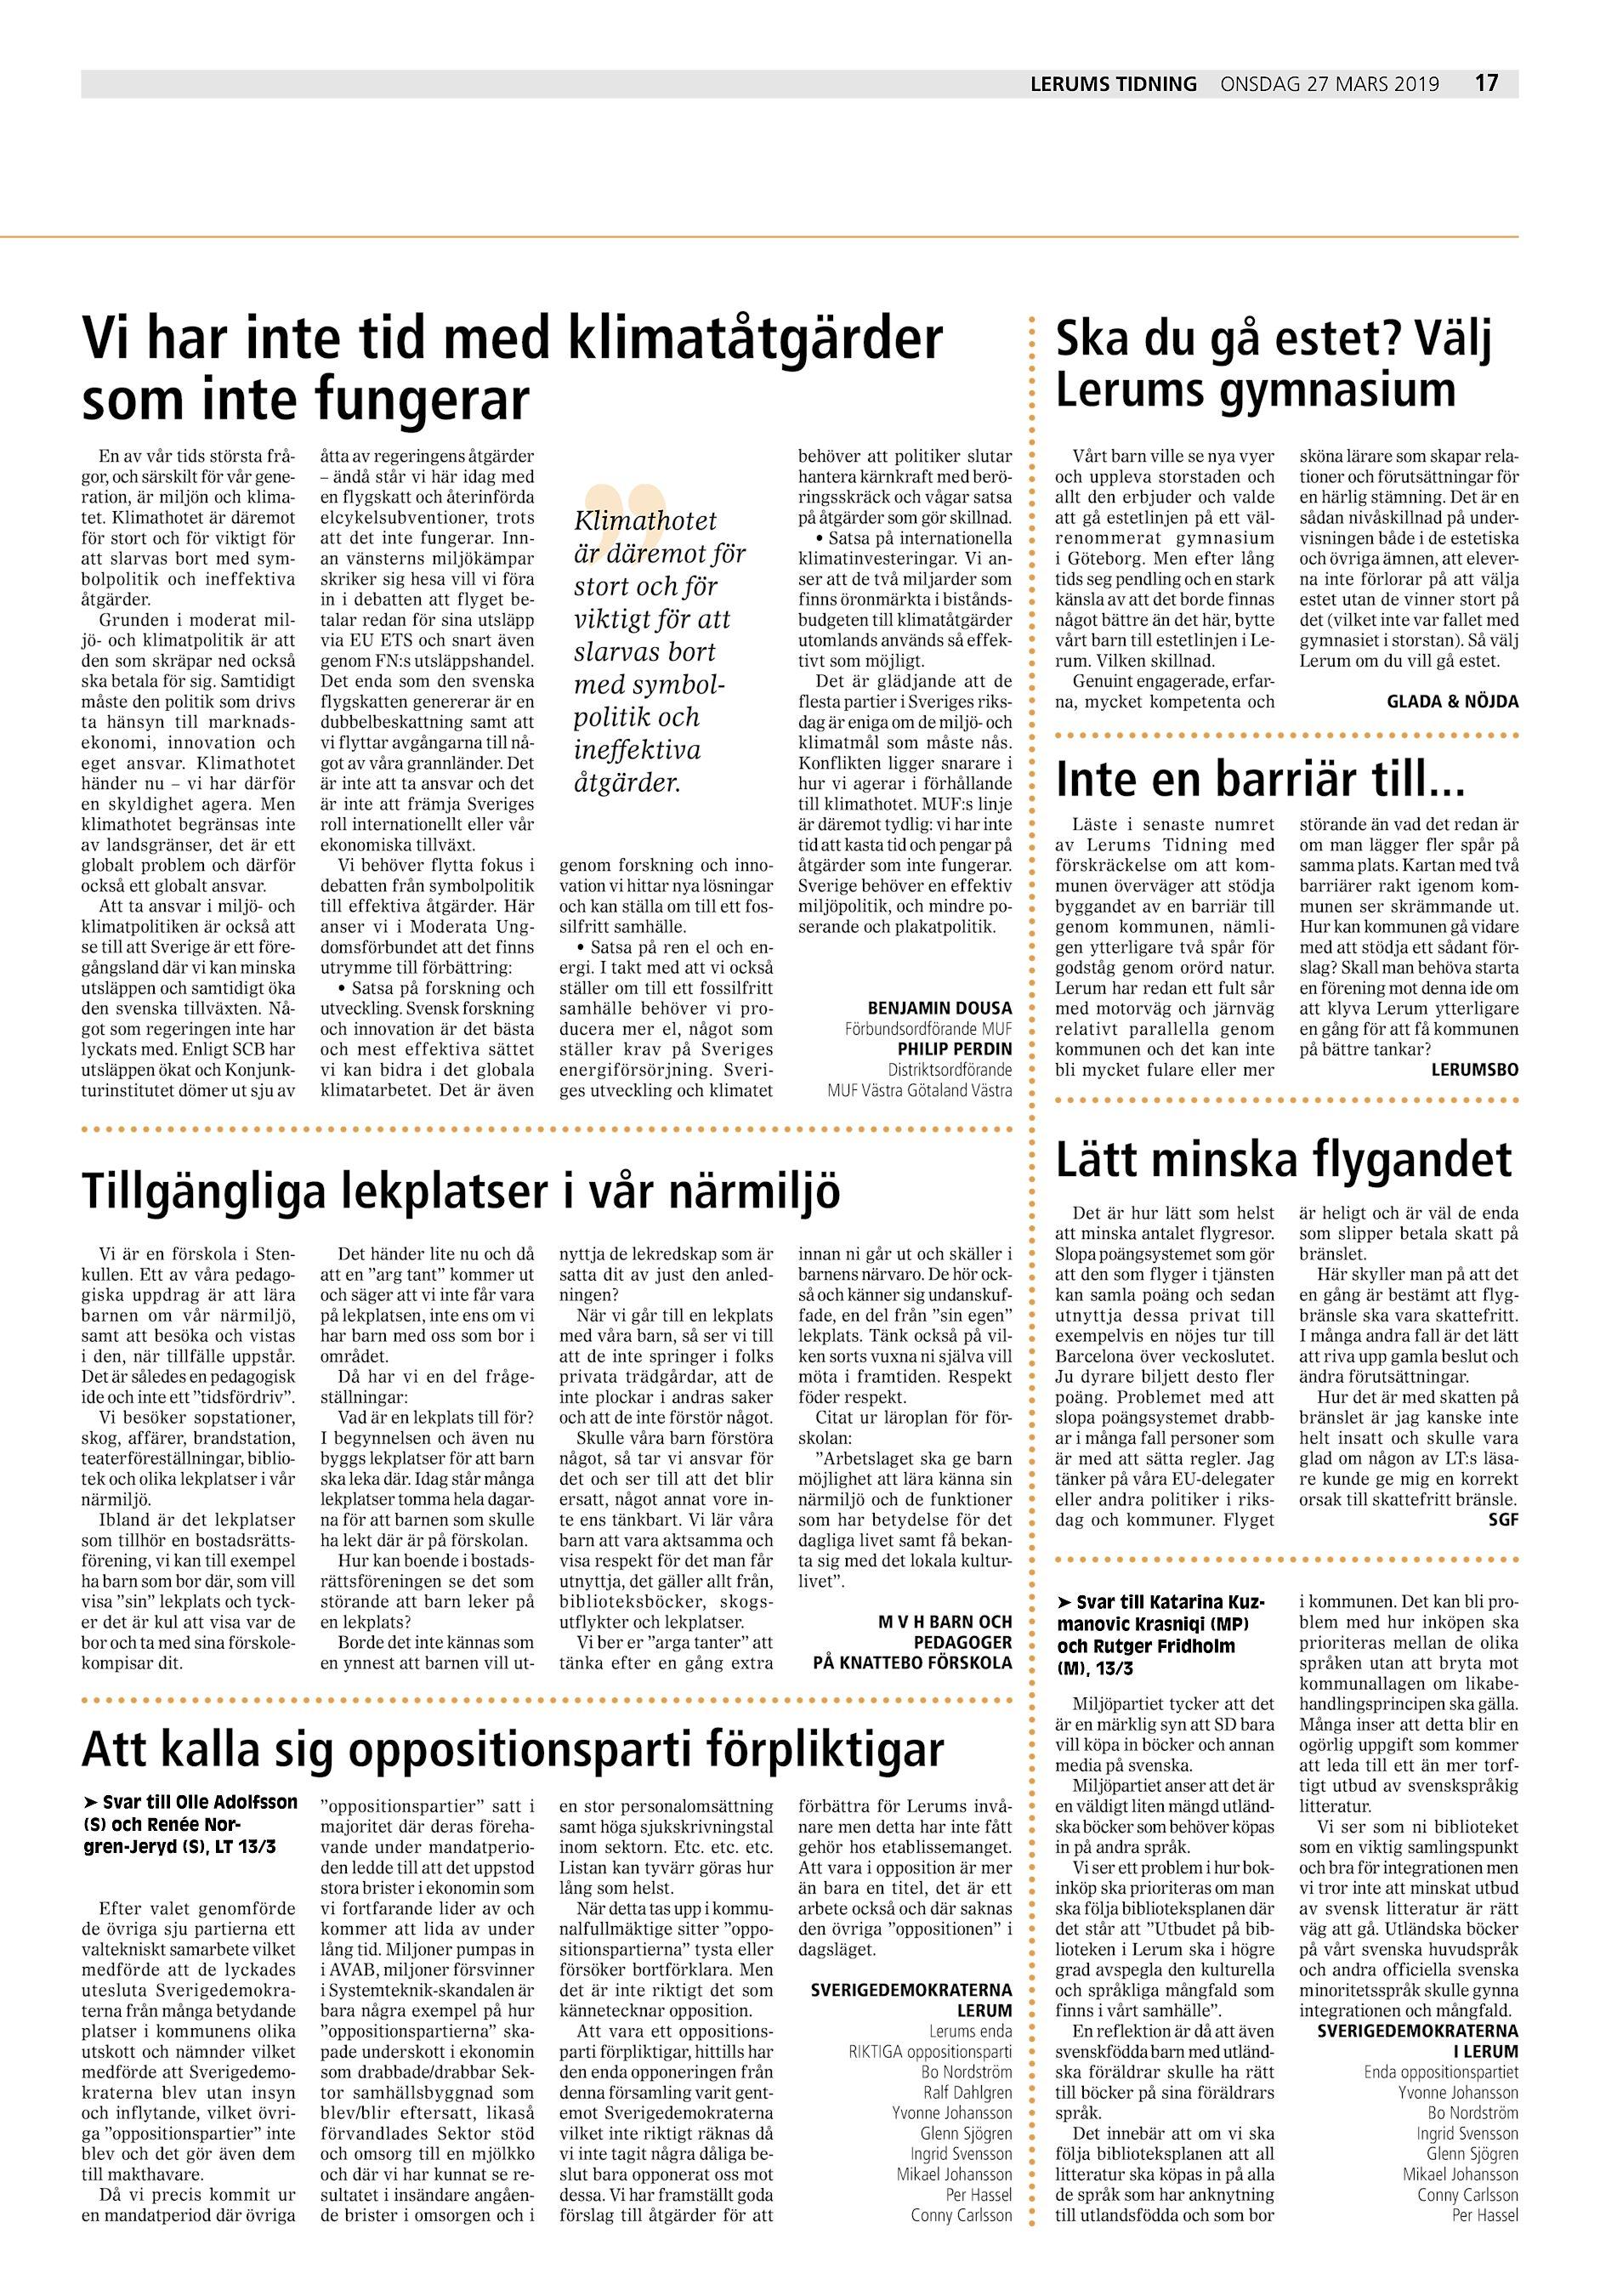 d95807e81ecf Lerums Tidning Vi har inte tid med klimatåtgärder som inte fungerar En av  vår tids största frågor, och särskilt för vår generation, är miljön och  klimatet.